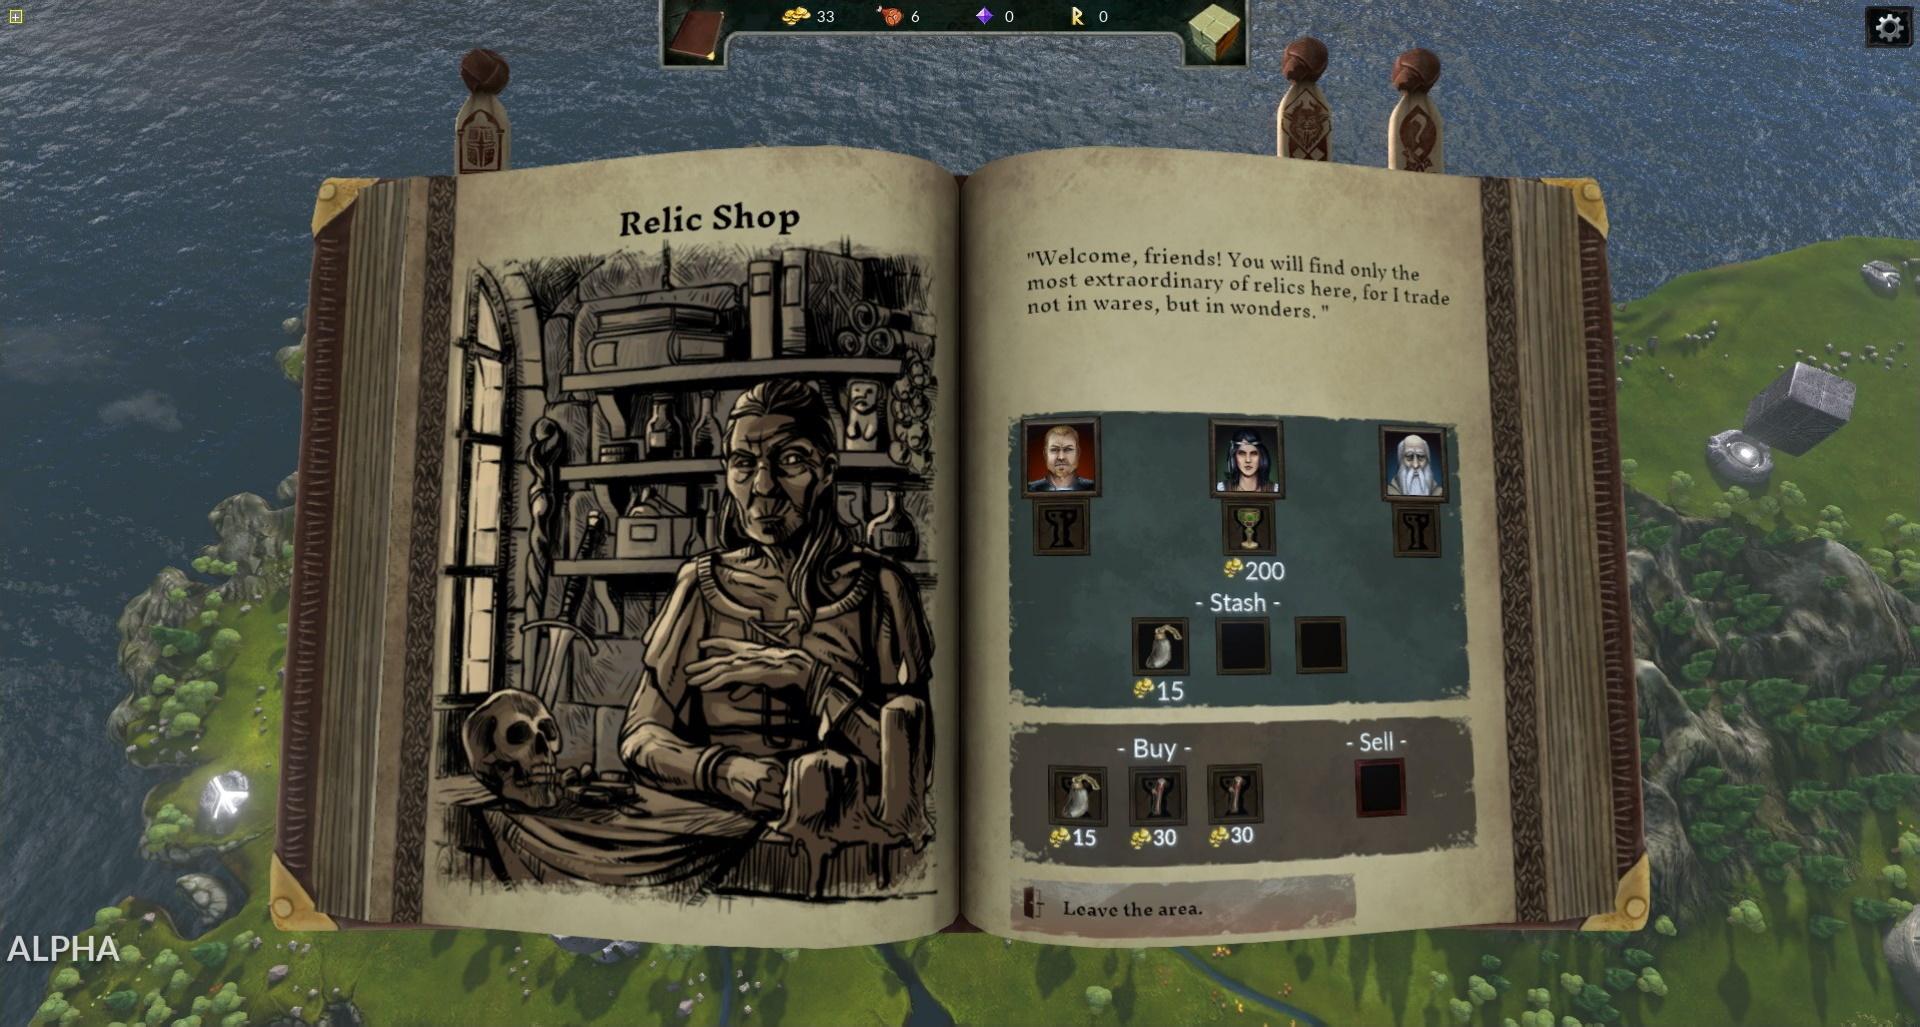 3bb29924967edbb7d3f13f7884648abcc2250ed7 | RPG Jeuxvidéo